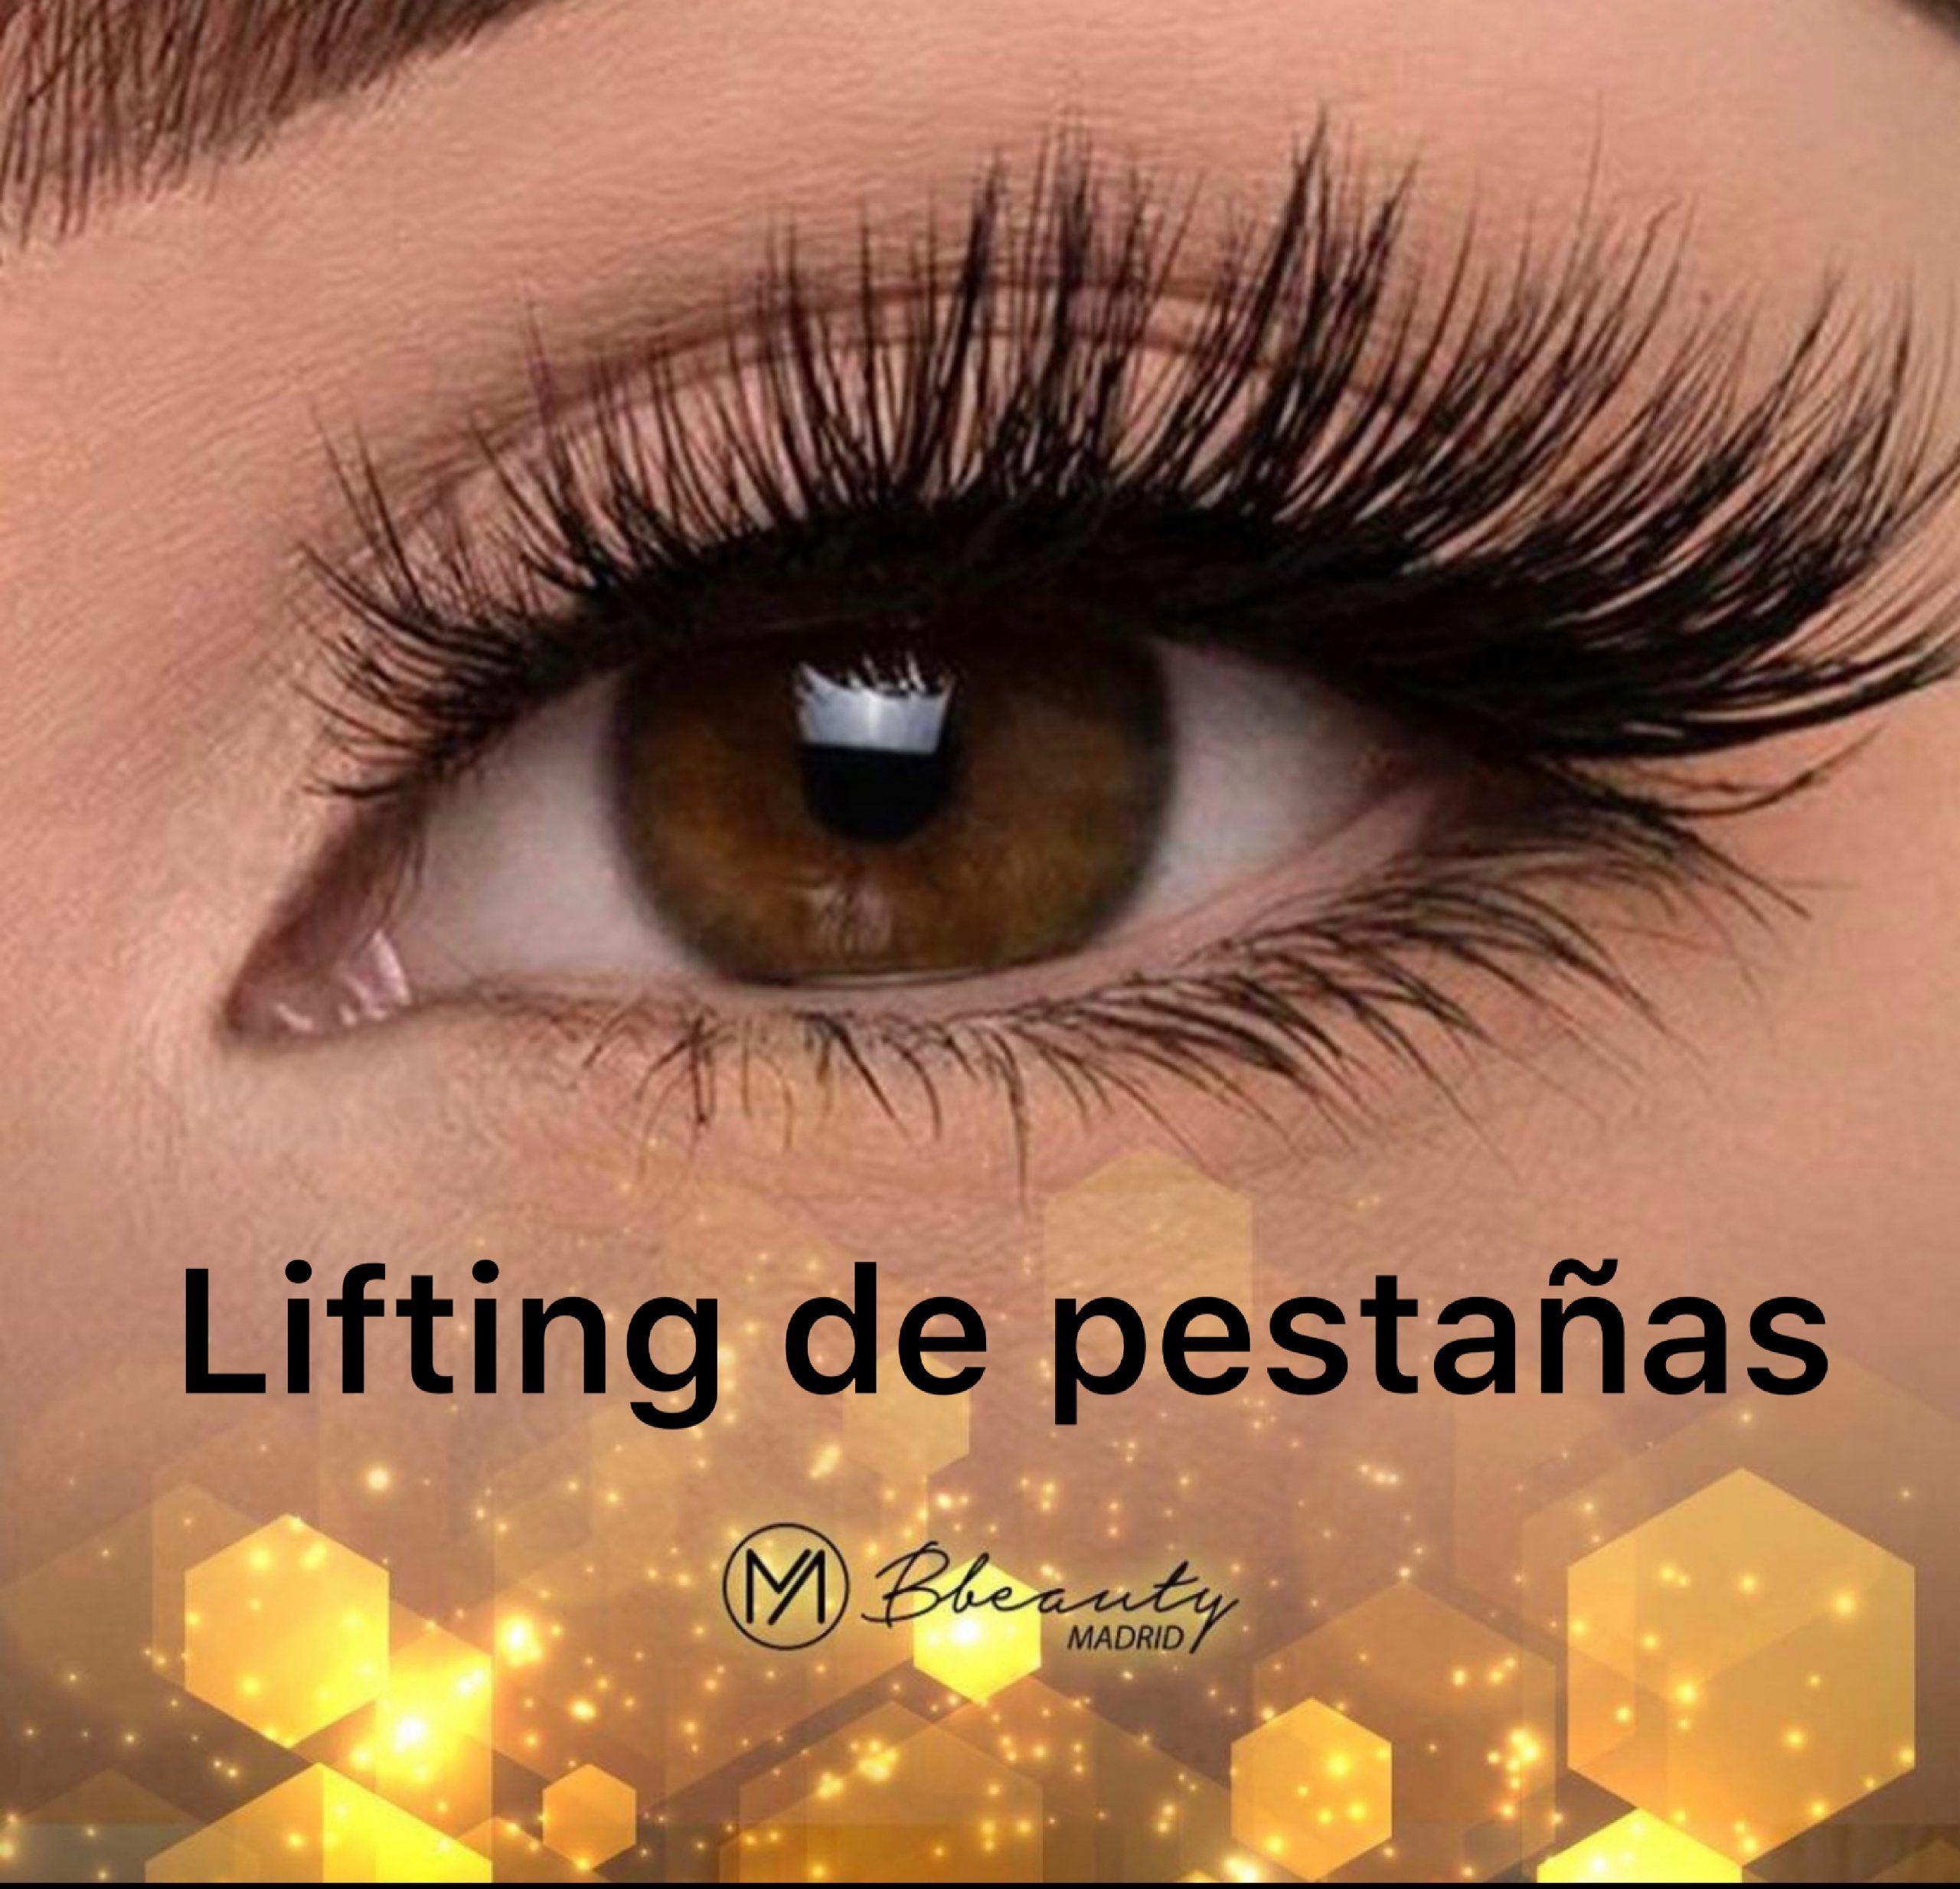 LIFTING DE PESTAÑAS